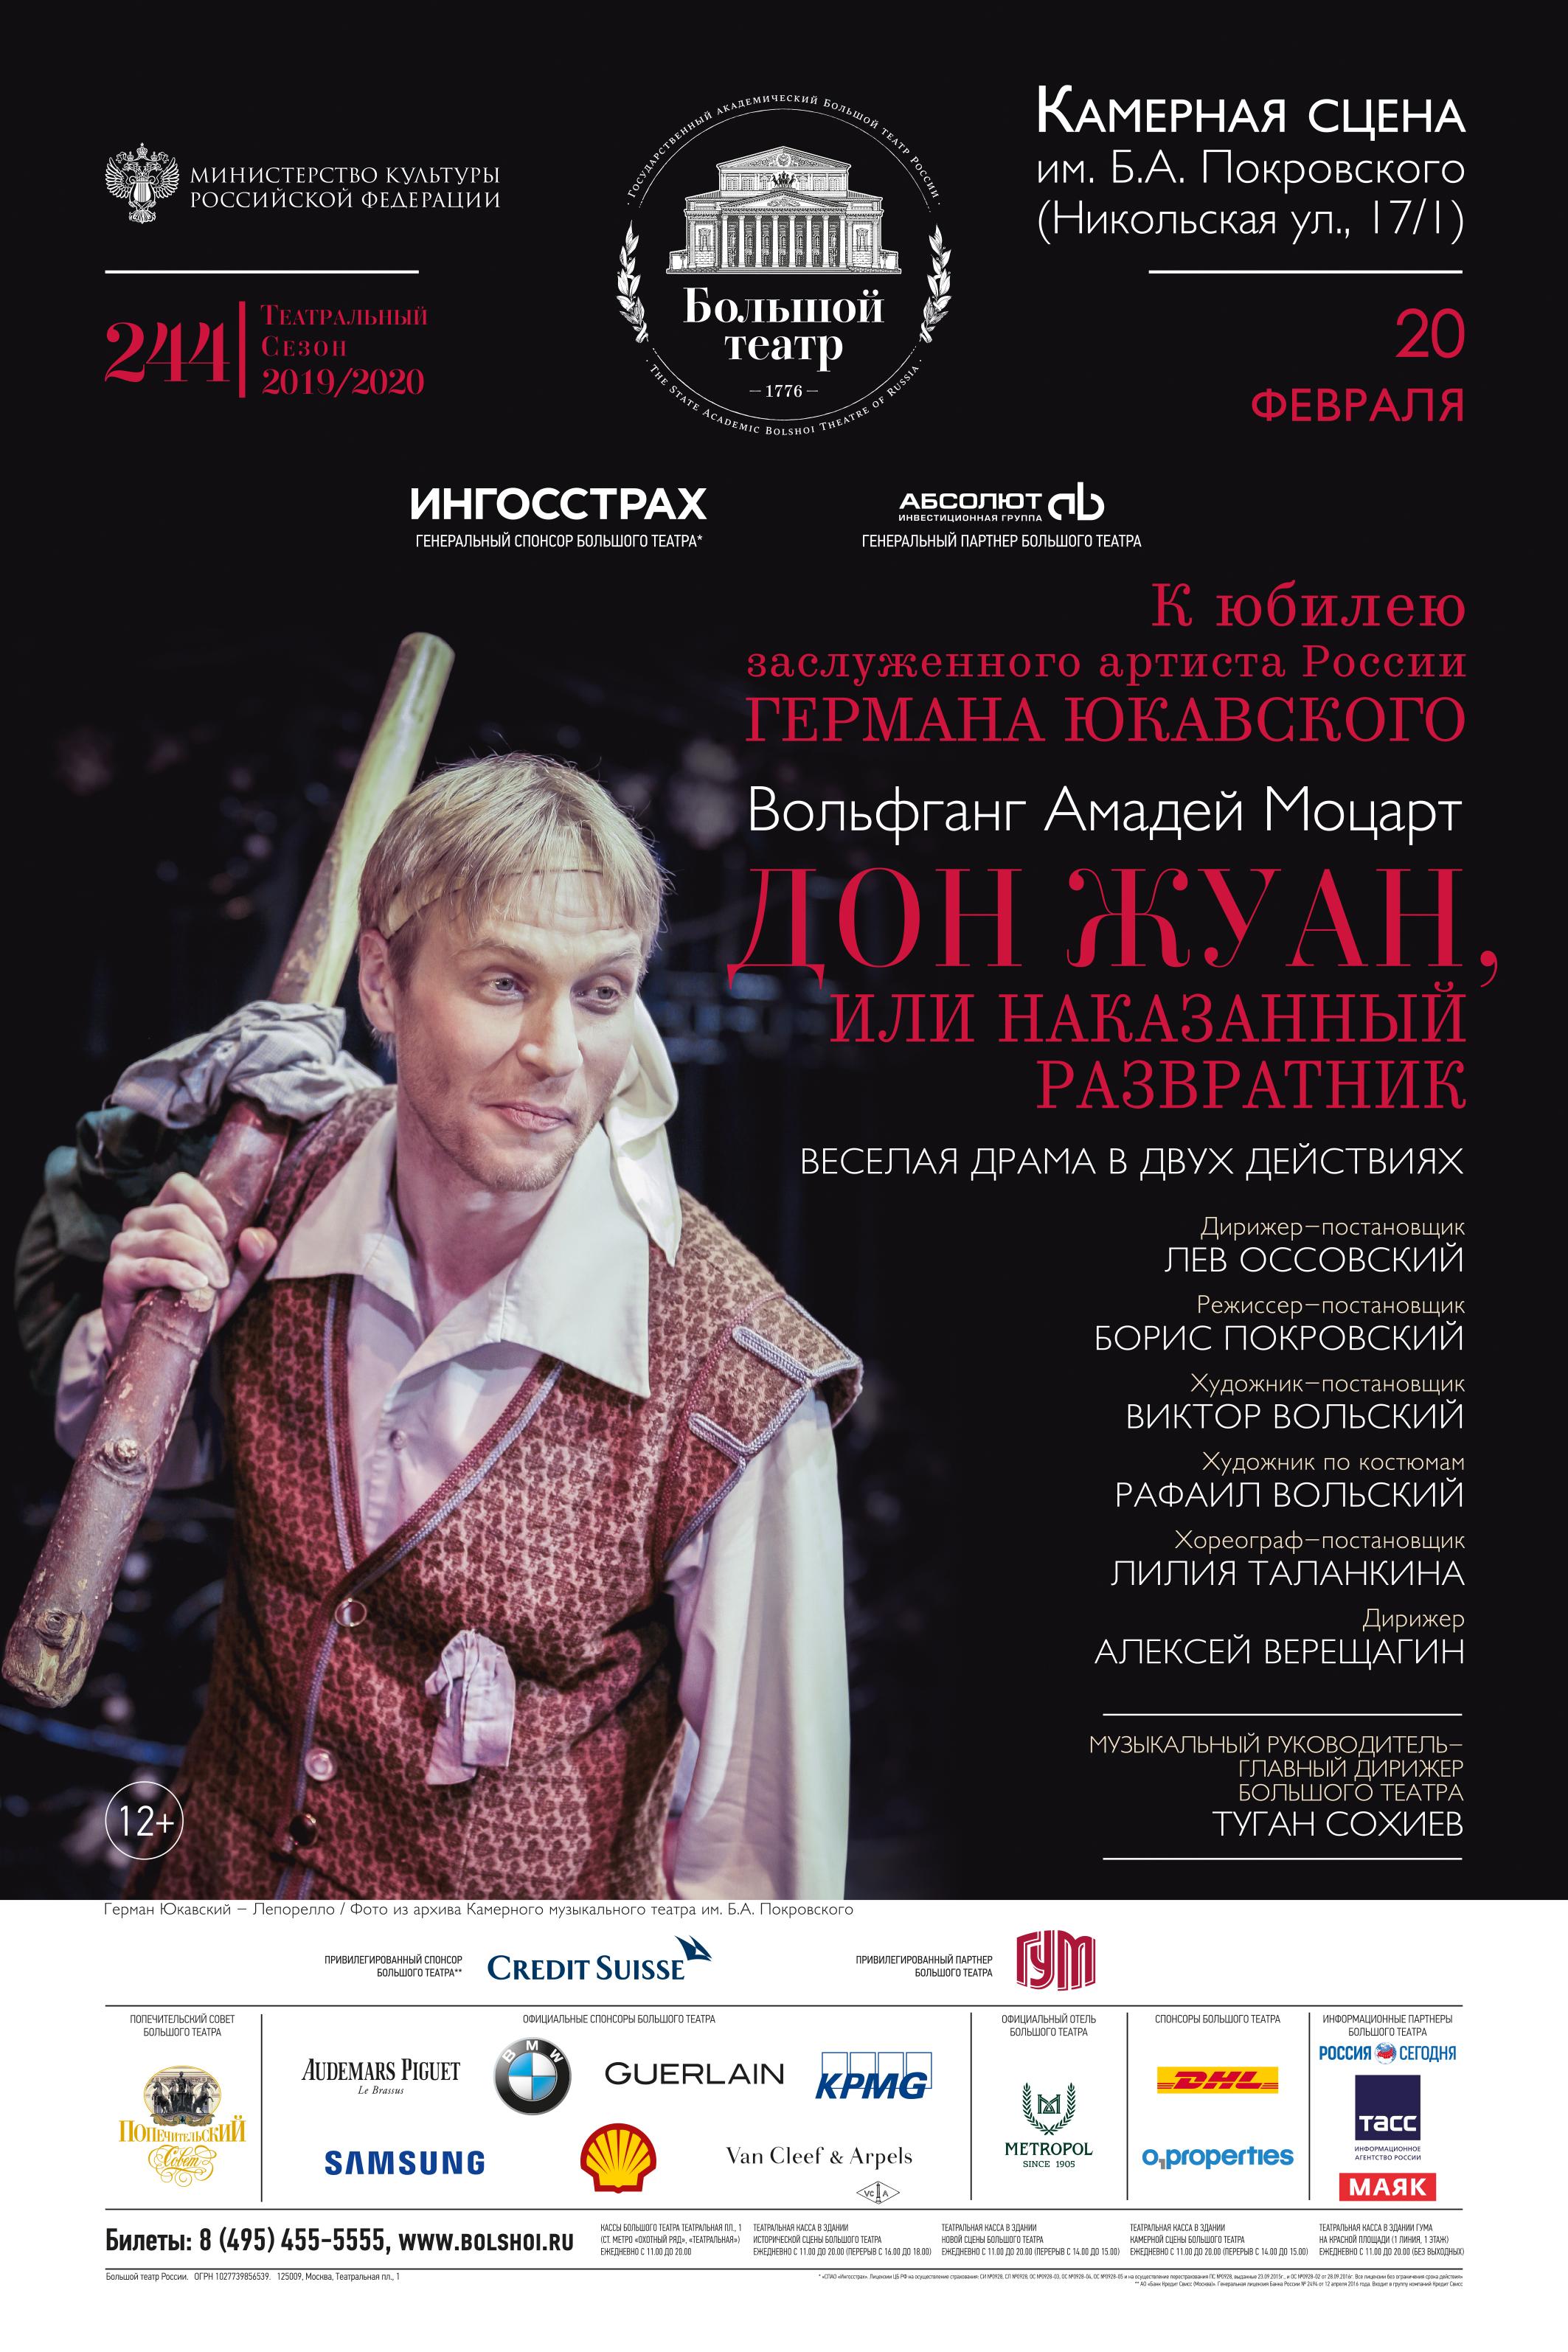 Герман Юкавский. Афиша Большого Театра России